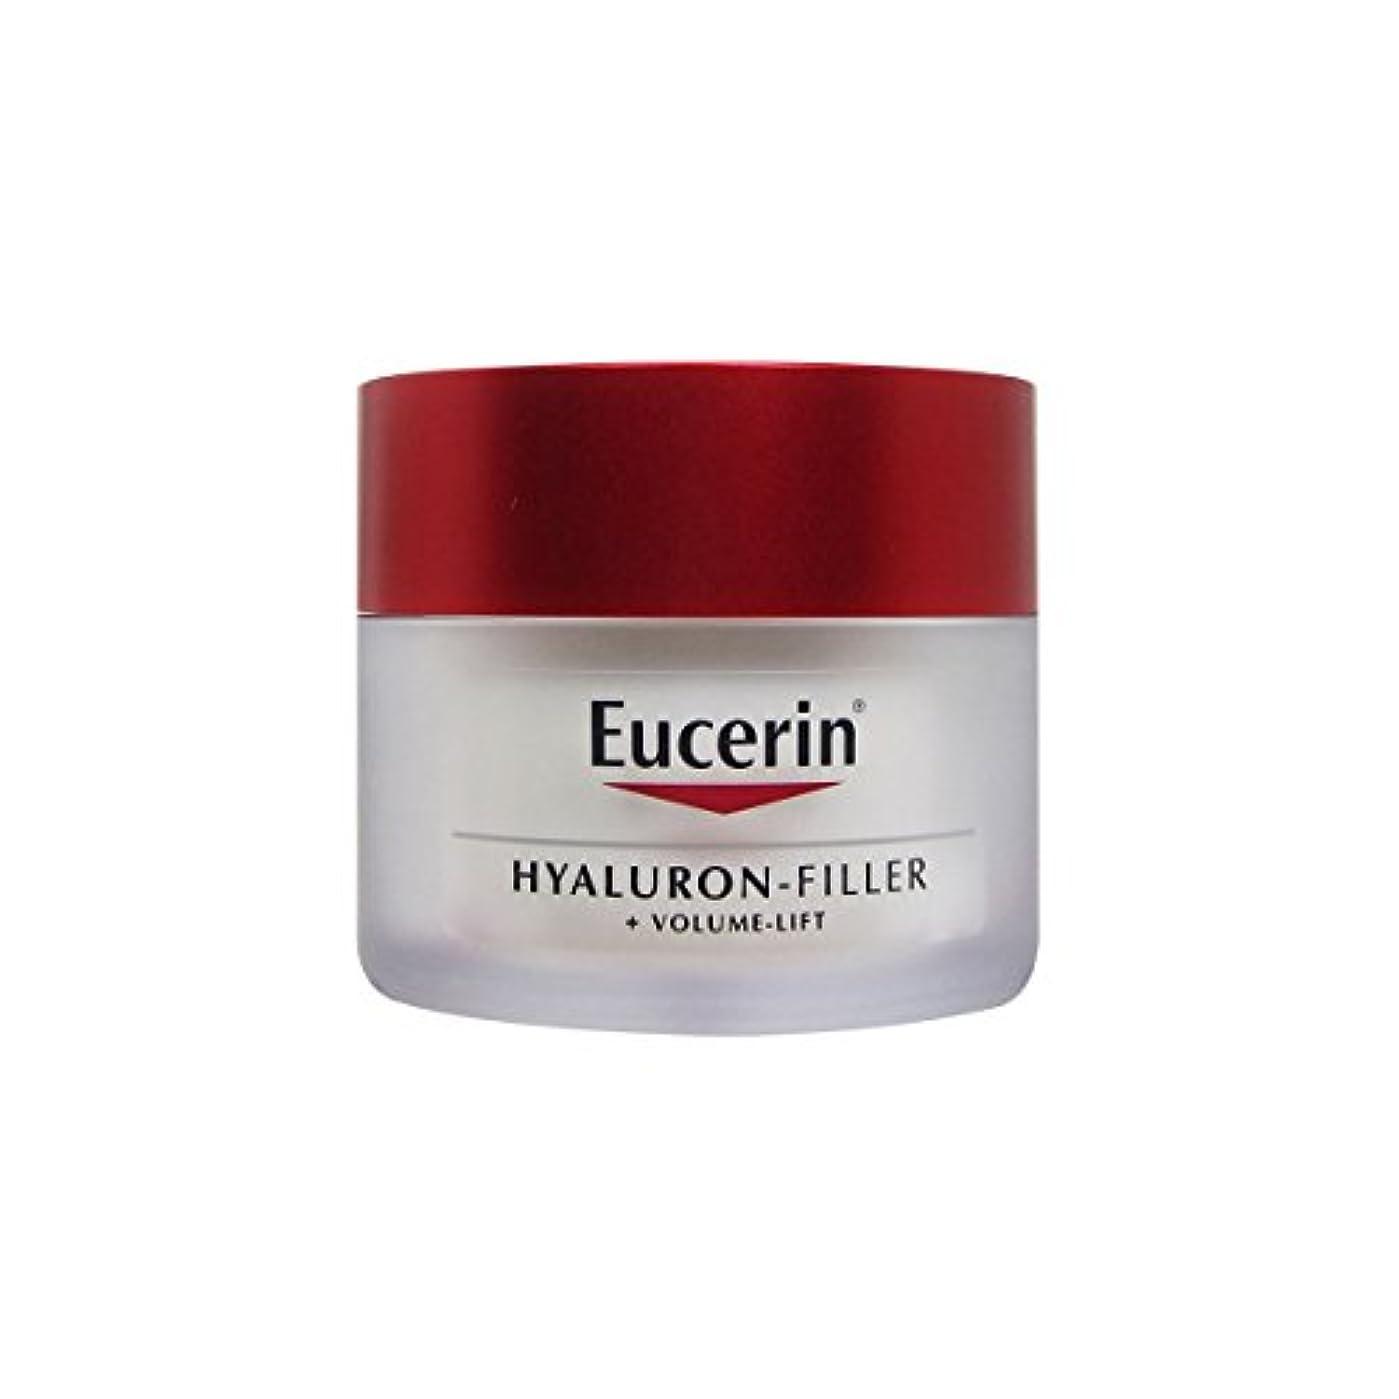 招待社説体操選手Eucerin Hyaluron Filler + Volume Lift Day Cream Dry Skin 50ml [並行輸入品]